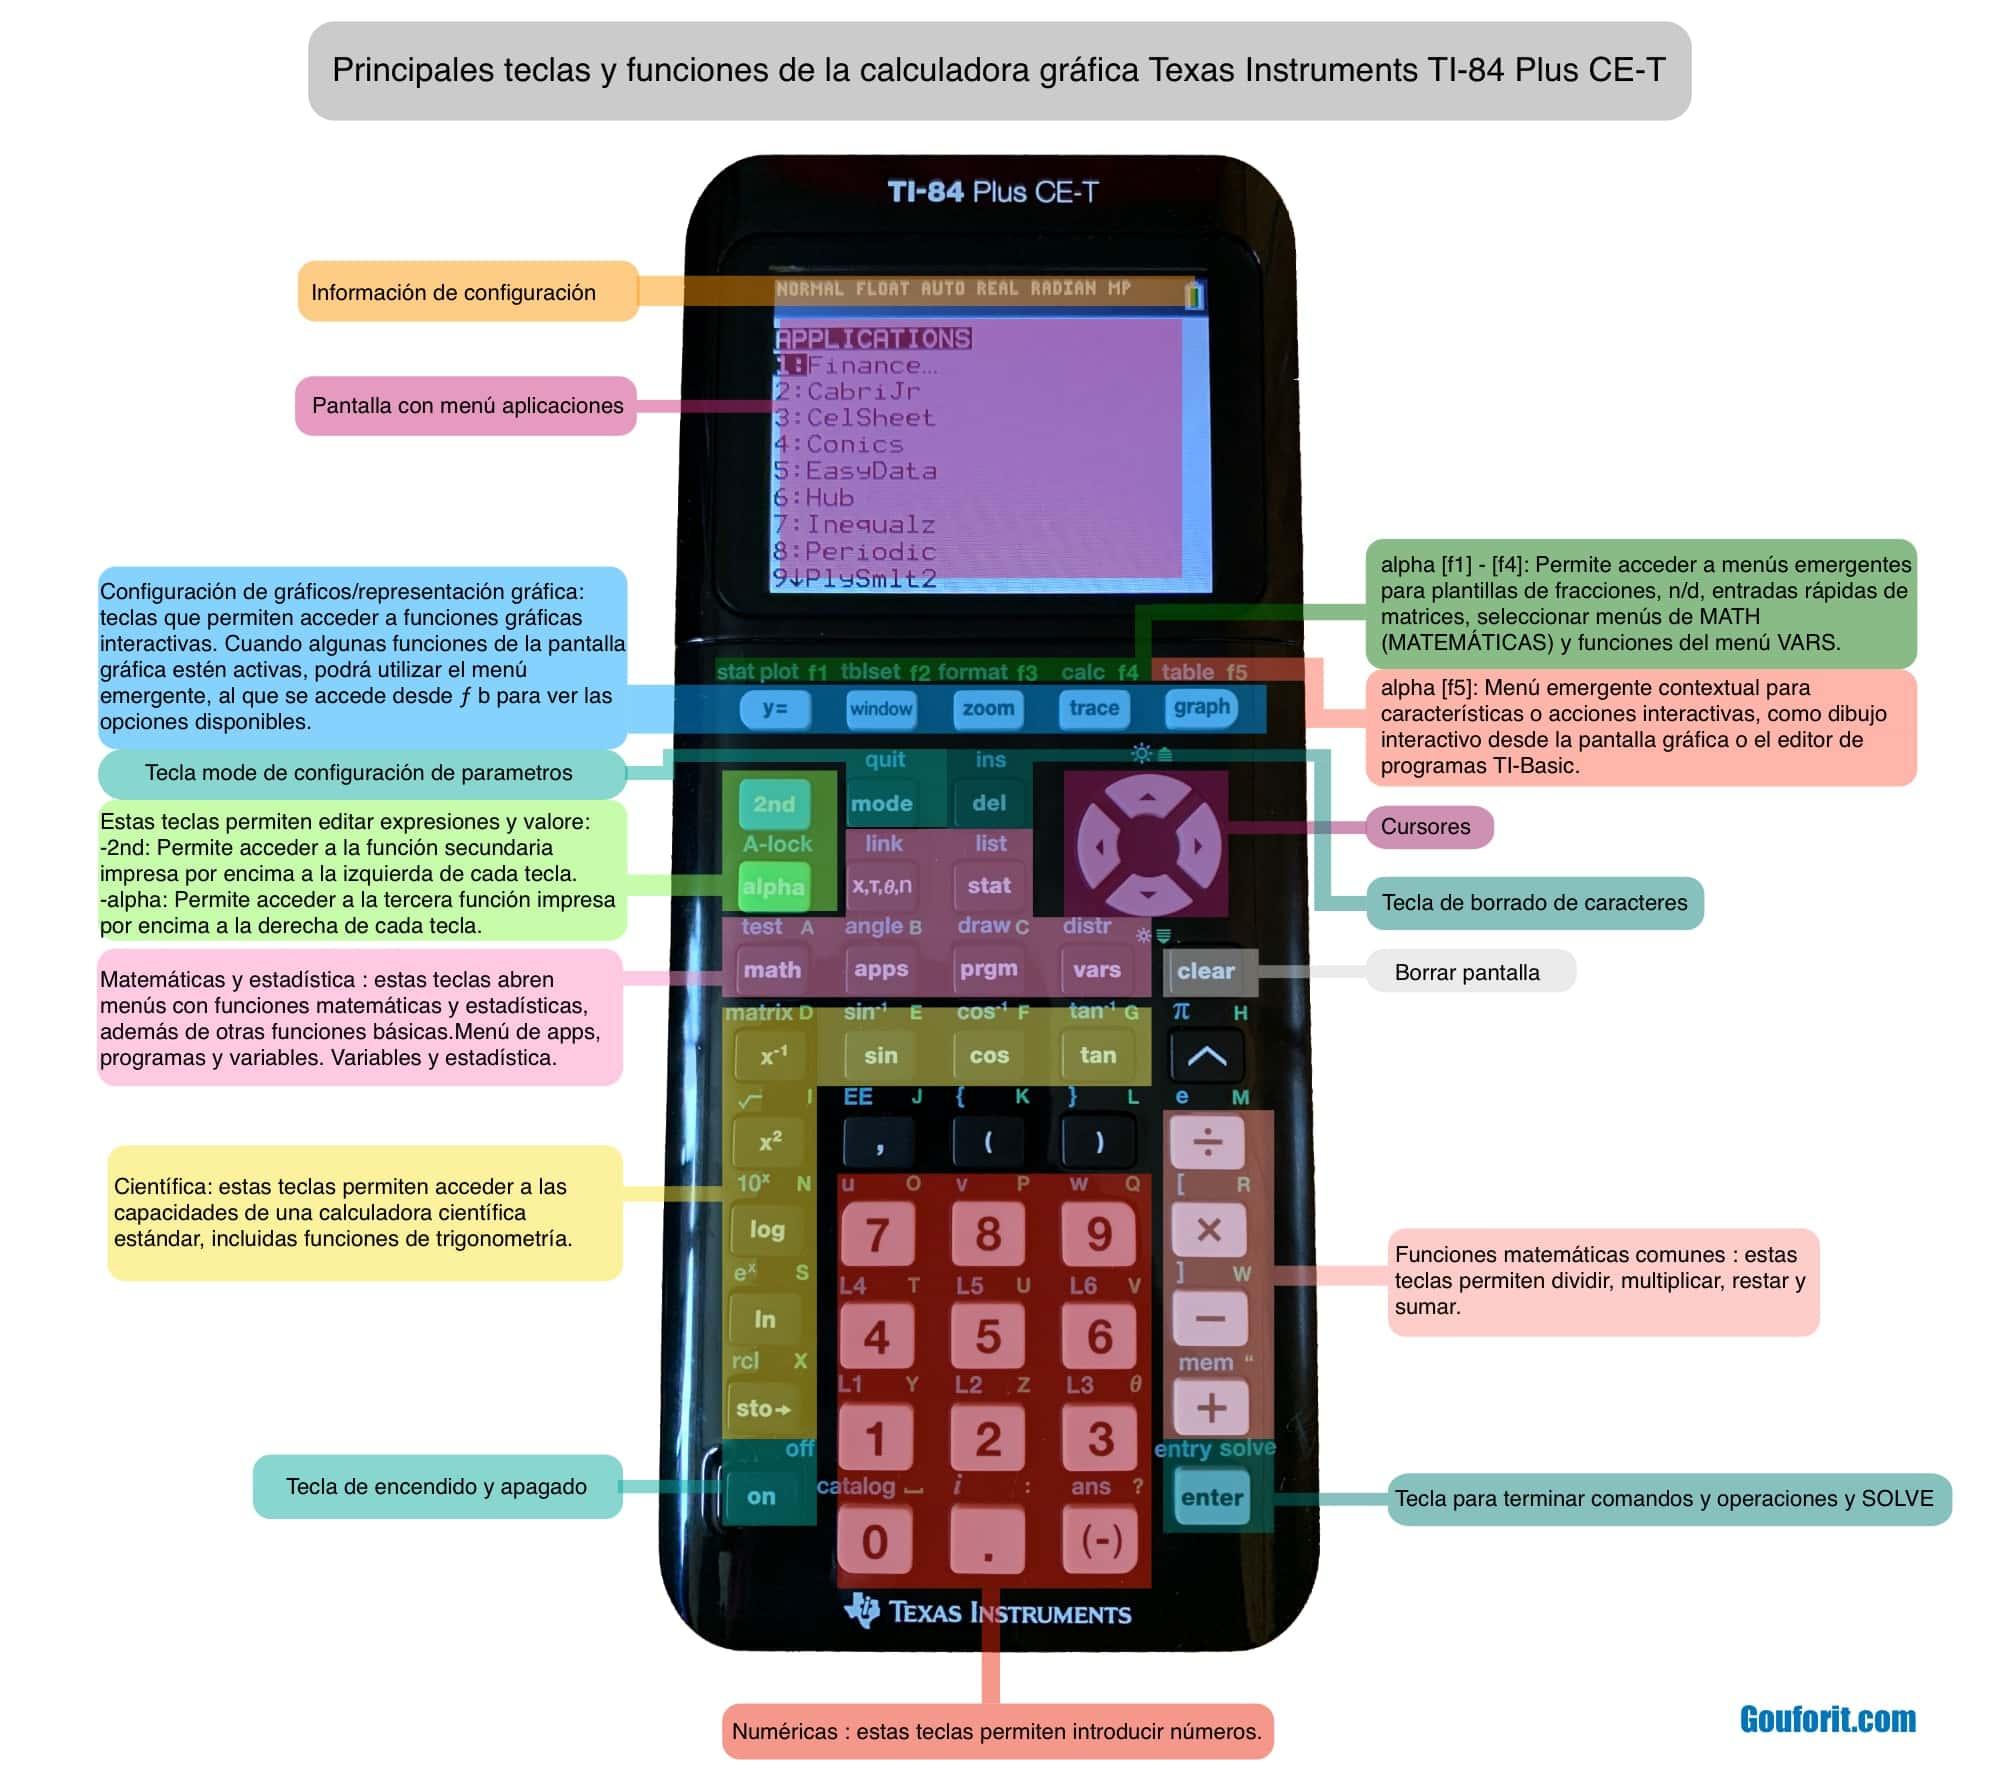 Principales teclas y funciones de la calculadora gráfica Texas Instruments TI-84 Plus CE-T